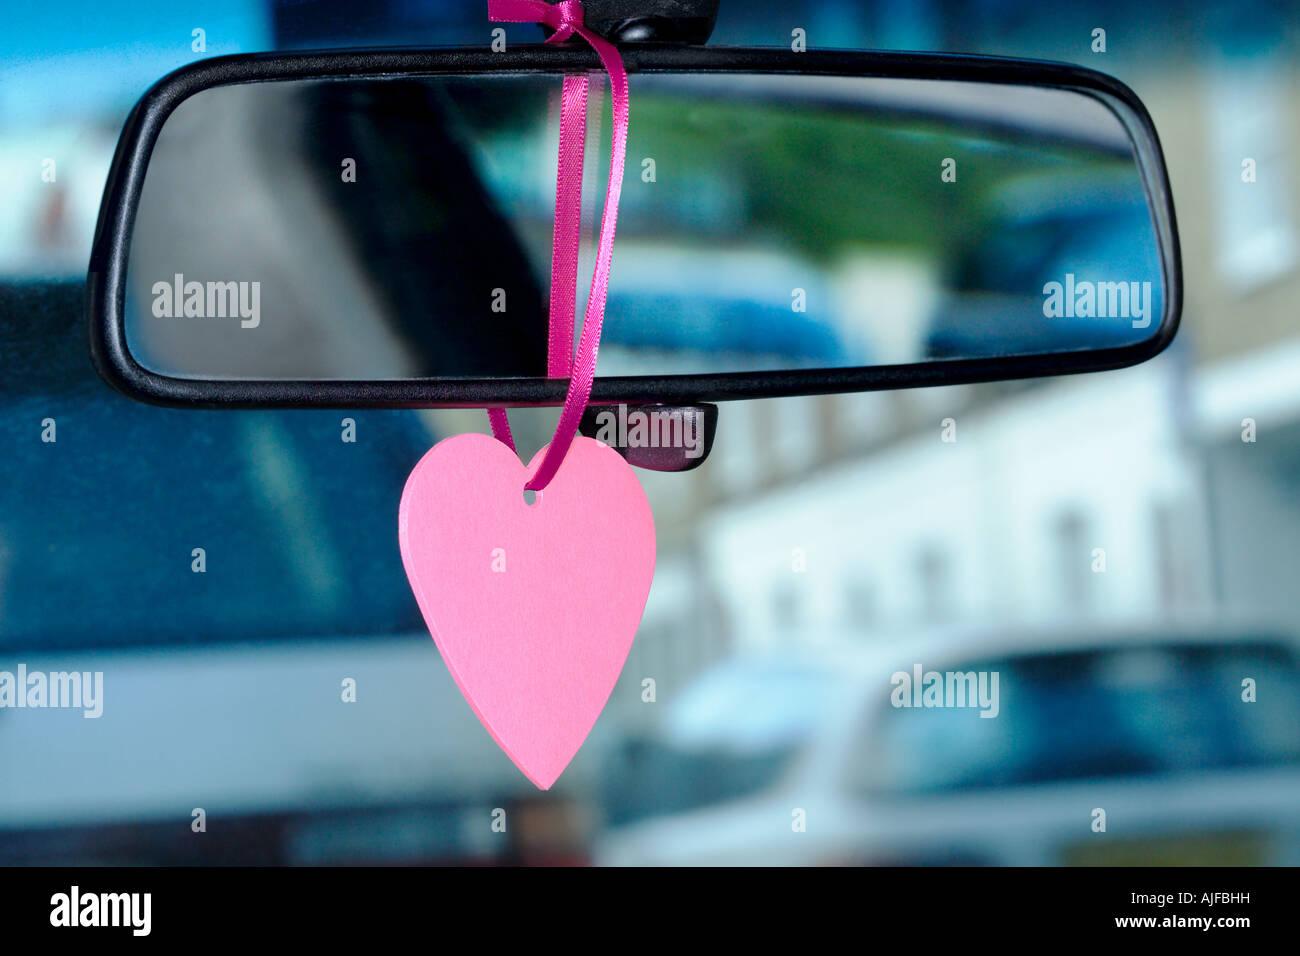 Un gingillo appeso su uno specchietto retrovisore Immagini Stock